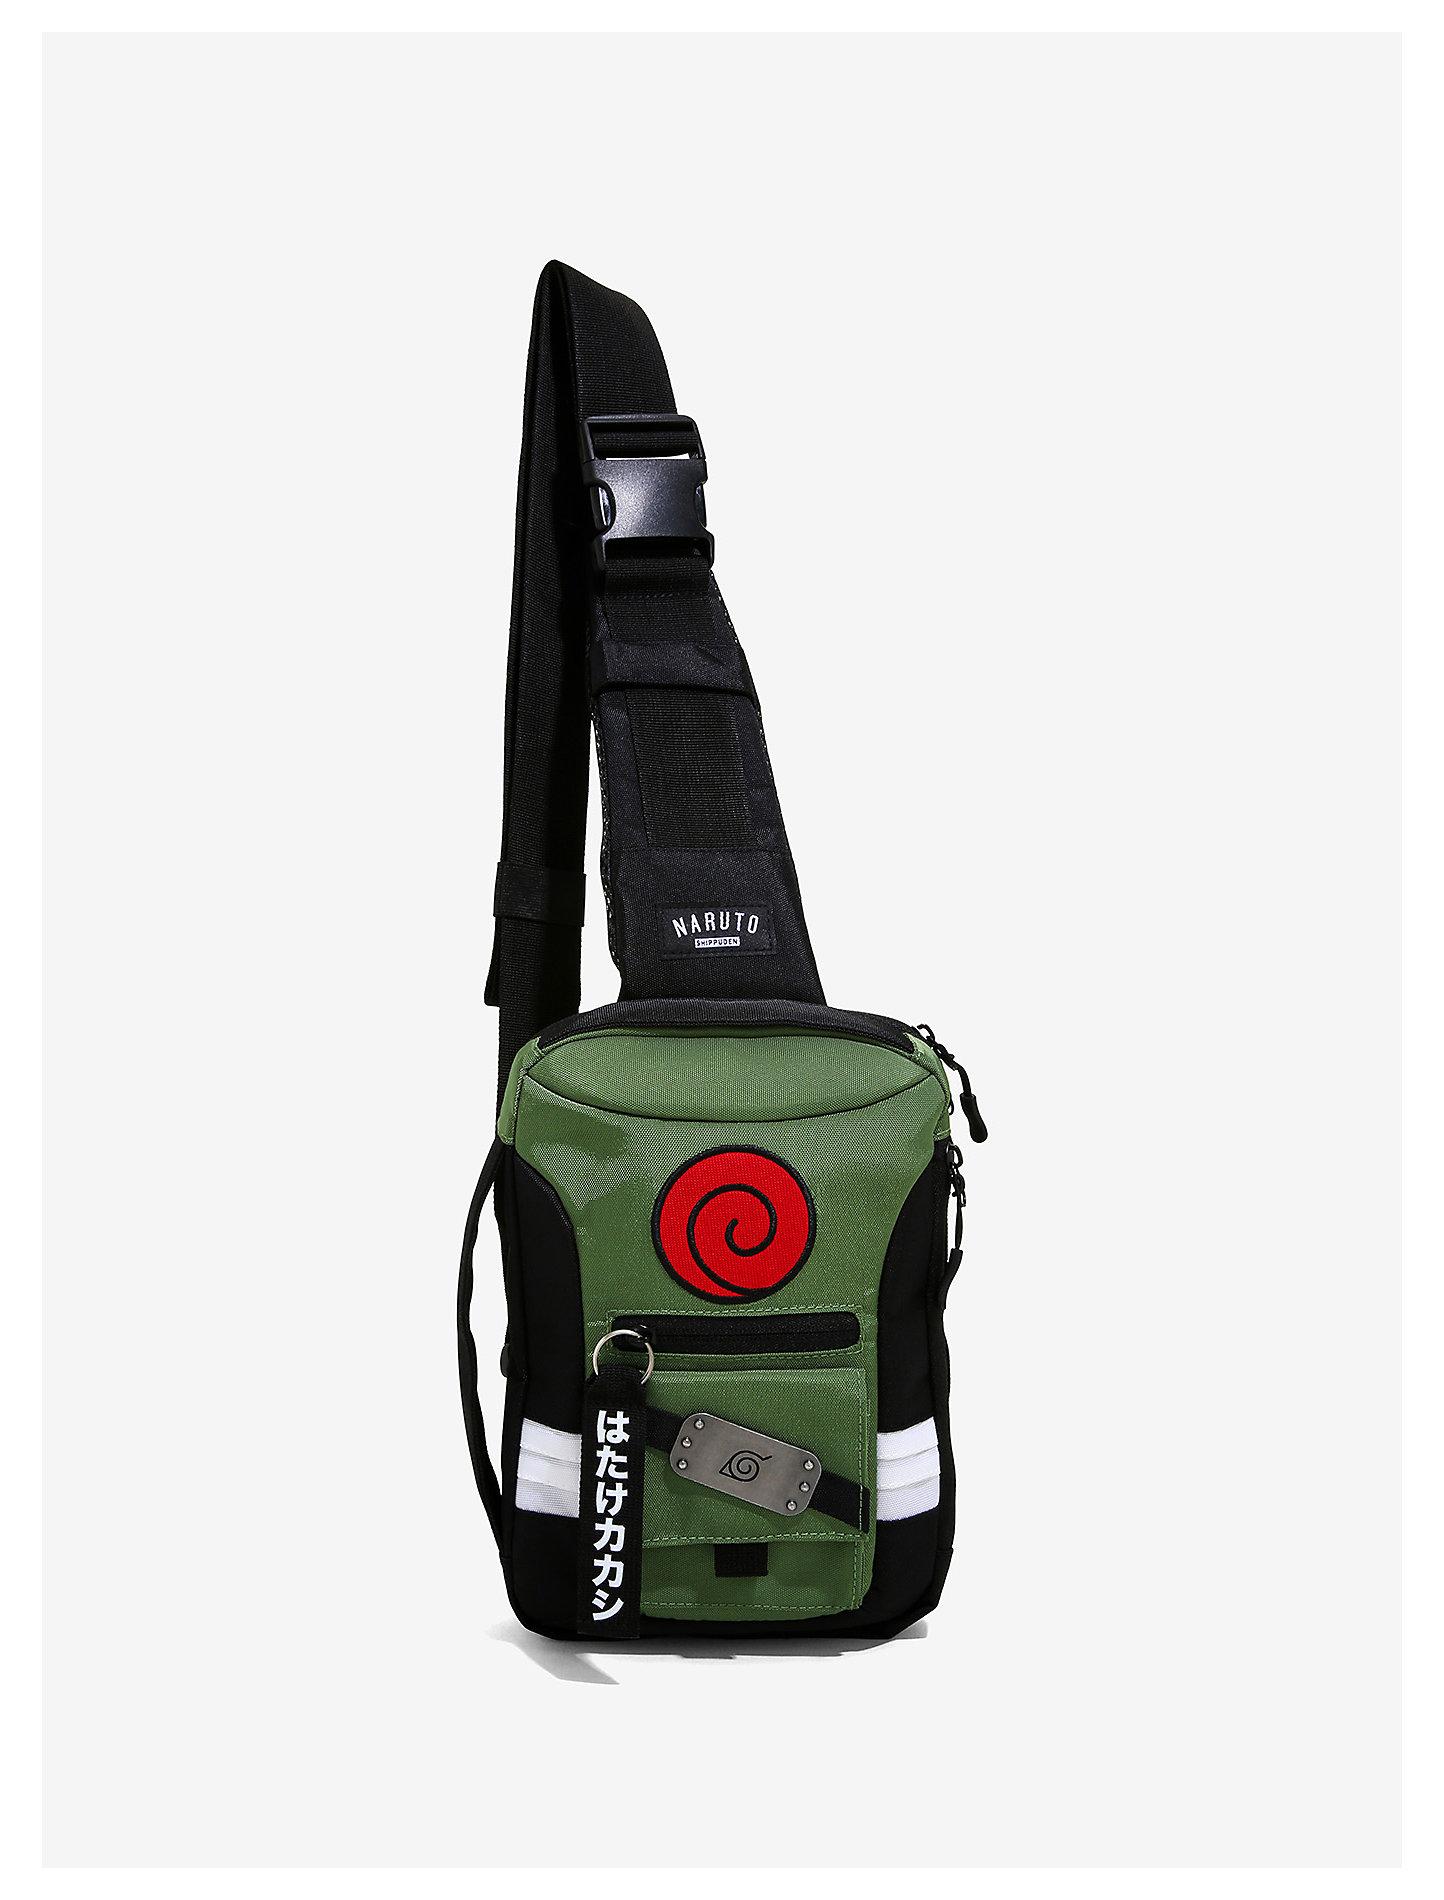 Cool backpacks for teens: Naruto sling bag at Hot Topic